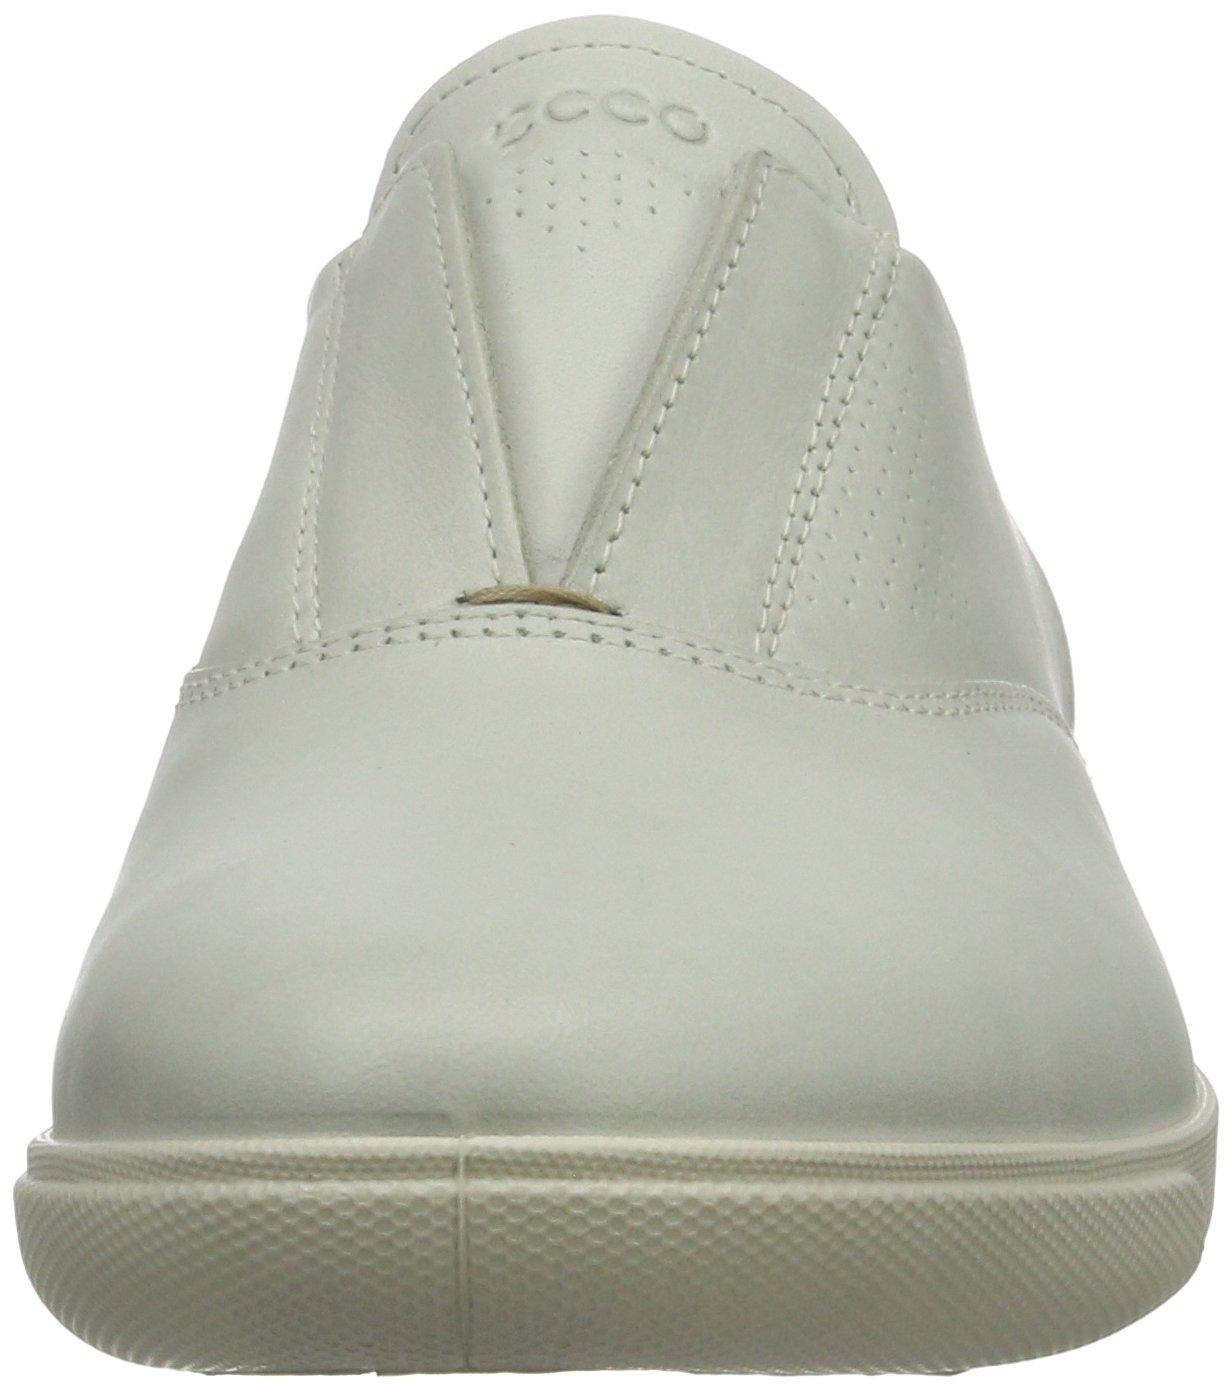 Ecco Damen Damara Slipper Weiß Weiß) (2152shadow Weiß) Weiß 69d7e3